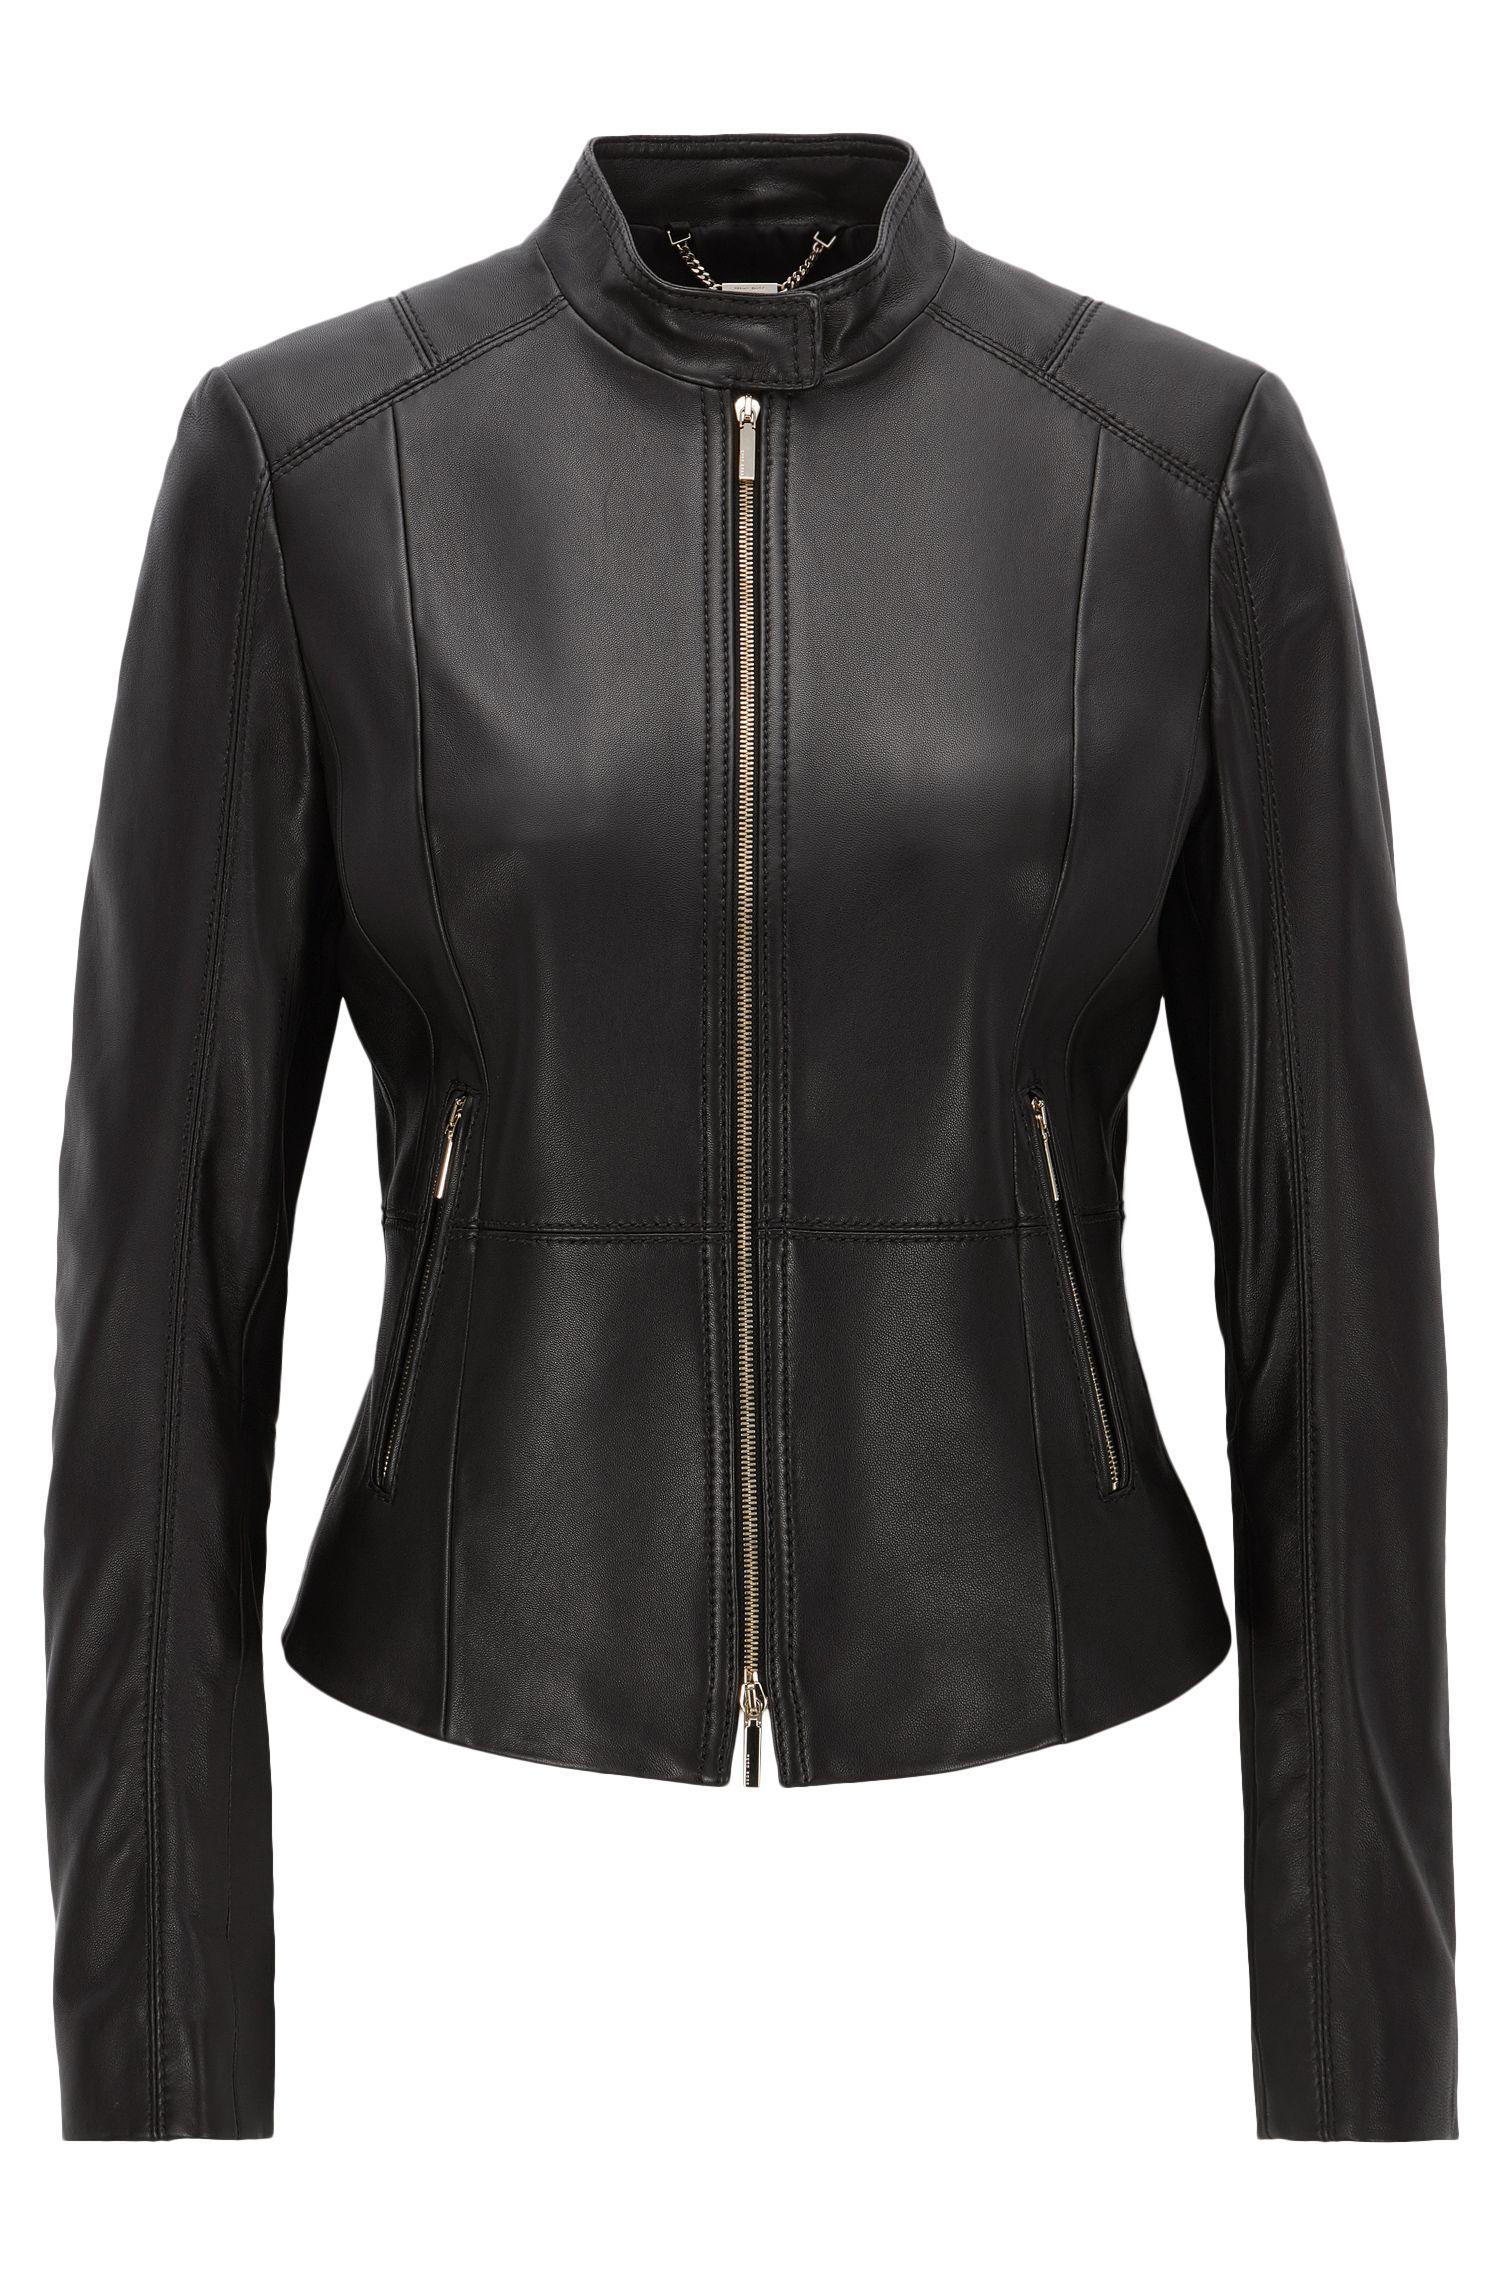 Lambskin Leather Jacket | Sammonaie